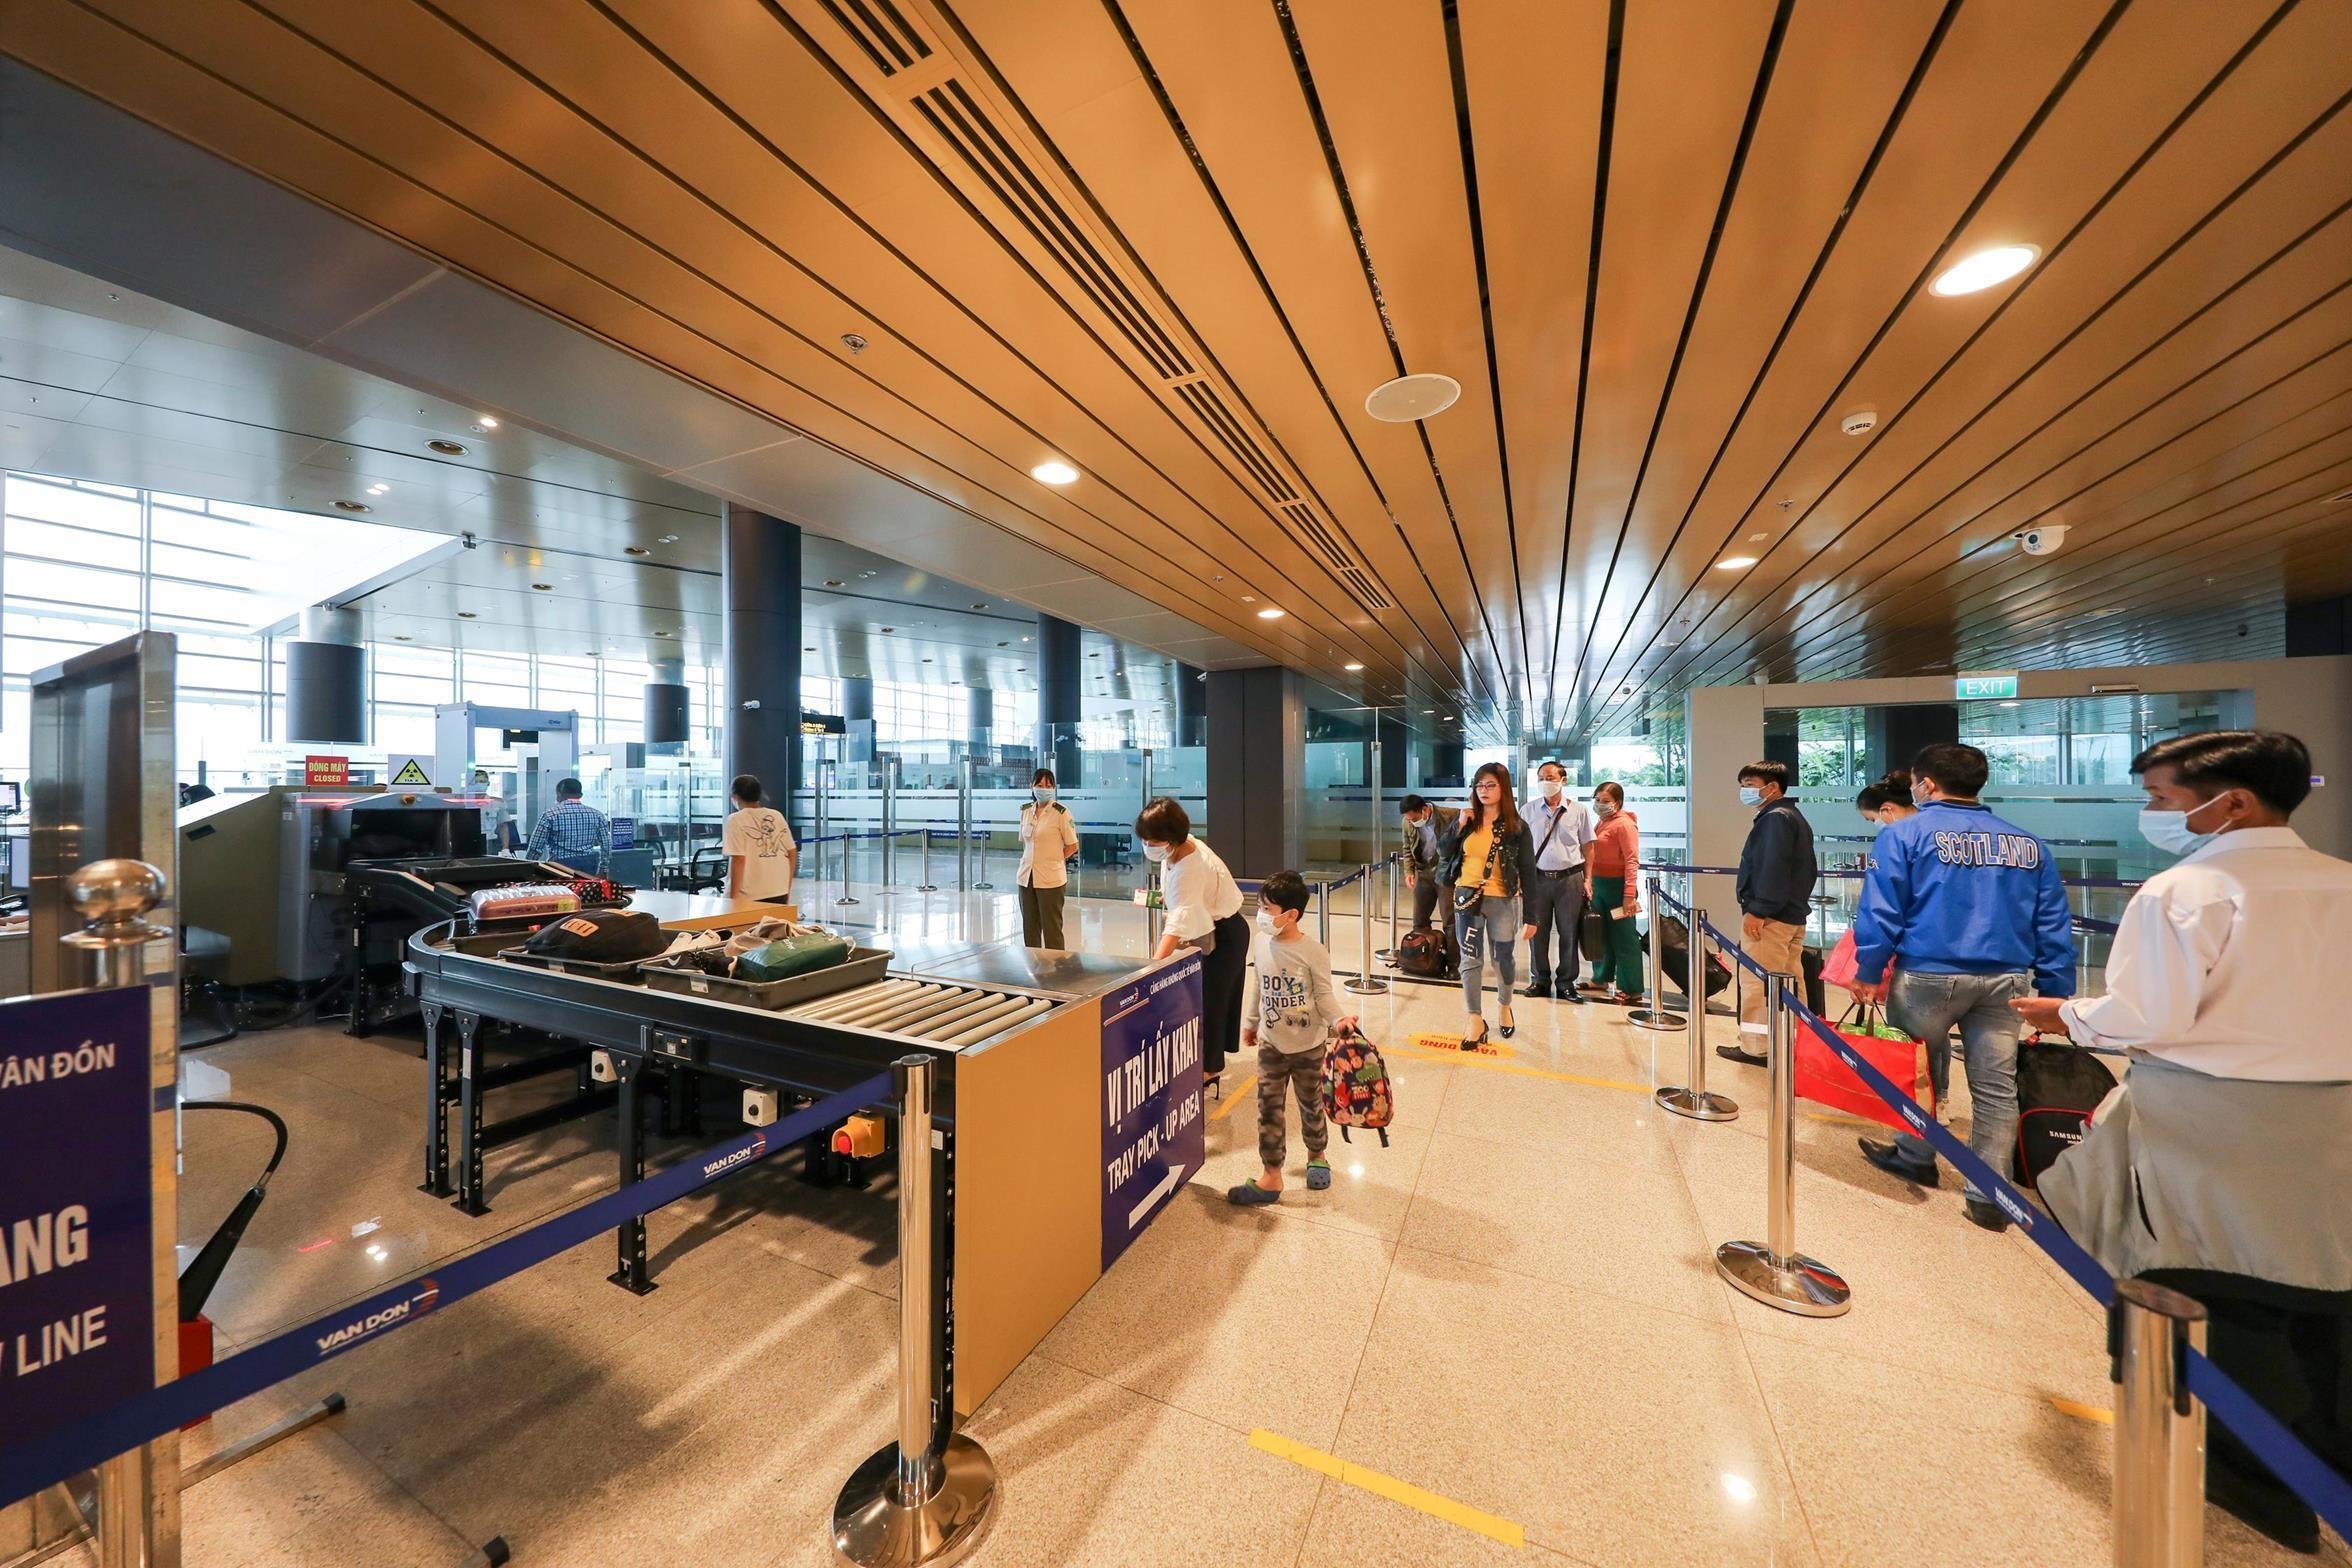 Hệ thống công nghệ tại sân bay hiện đại nhất Việt Nam có gì? - Ảnh 2